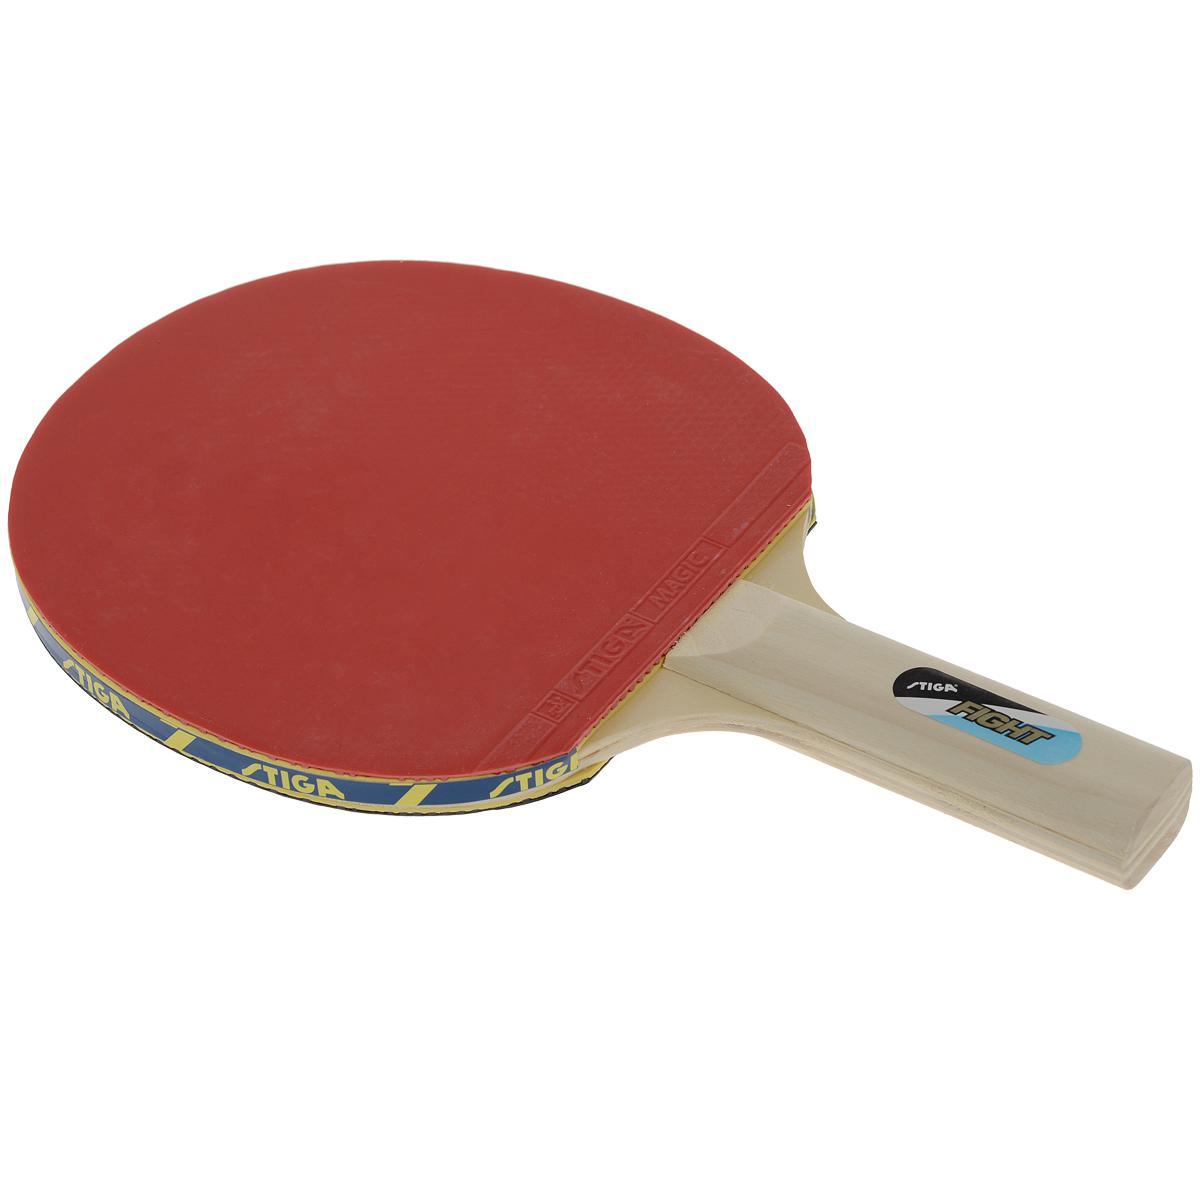 Ракетка для настольного тенниса Stiga Fight24928Ракетка для настольного тенниса Stiga Fight – прекрасный выбор для любителя. Пятислойное основание в тандеме с накладкой Magic 1,5 мм дает возможность игроку получить 100% чувство мяча, благодаря которому он сможет заложить основу для развития своего мастерства. Основные характеристики: Контроль: 100. Скорость: 15. Кручение: 30.